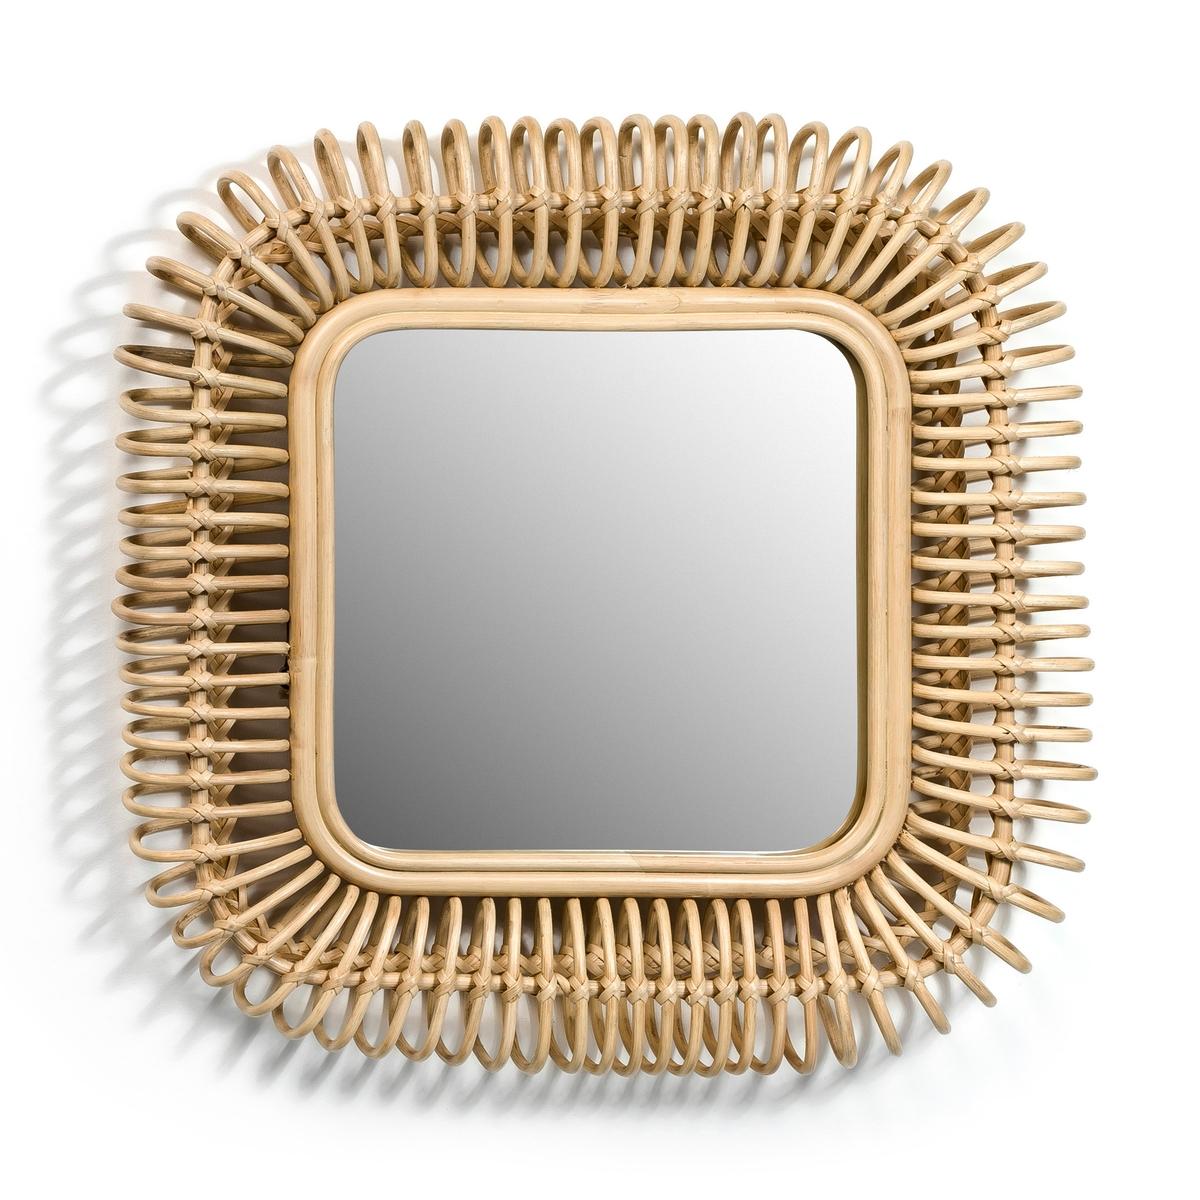 Зеркало квадратное из ротанга Д55 x В55 см, Tarsile